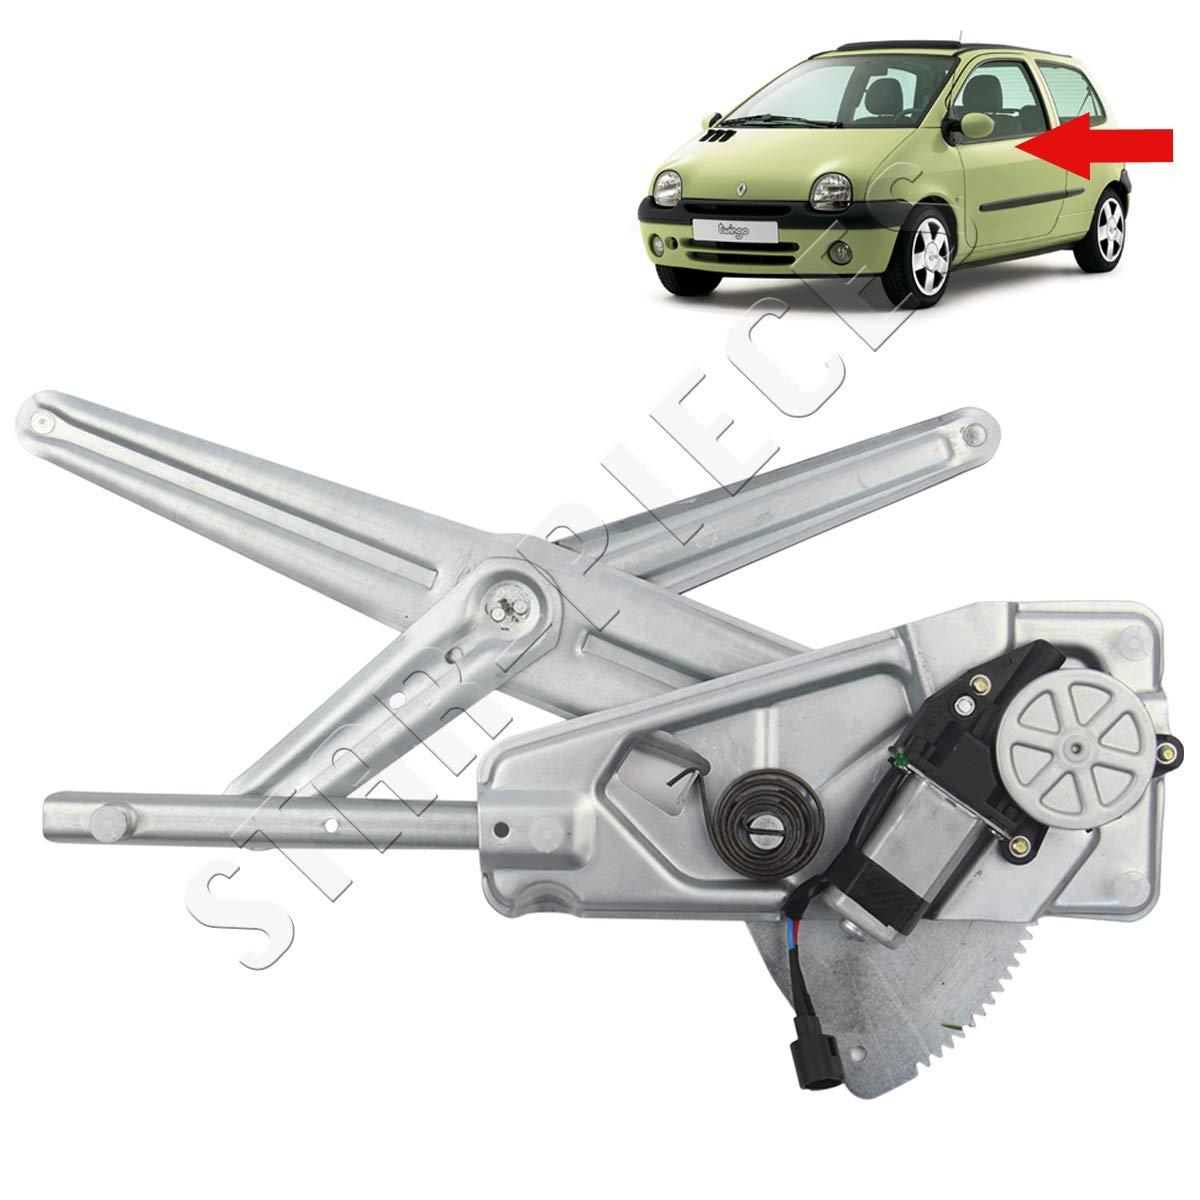 STARKIT PERFORMANCE Mecanismo elevalunas el/éctrico Delantero Izquierdo con Motor para Renault Twingo 1 de 1993 a 2007.